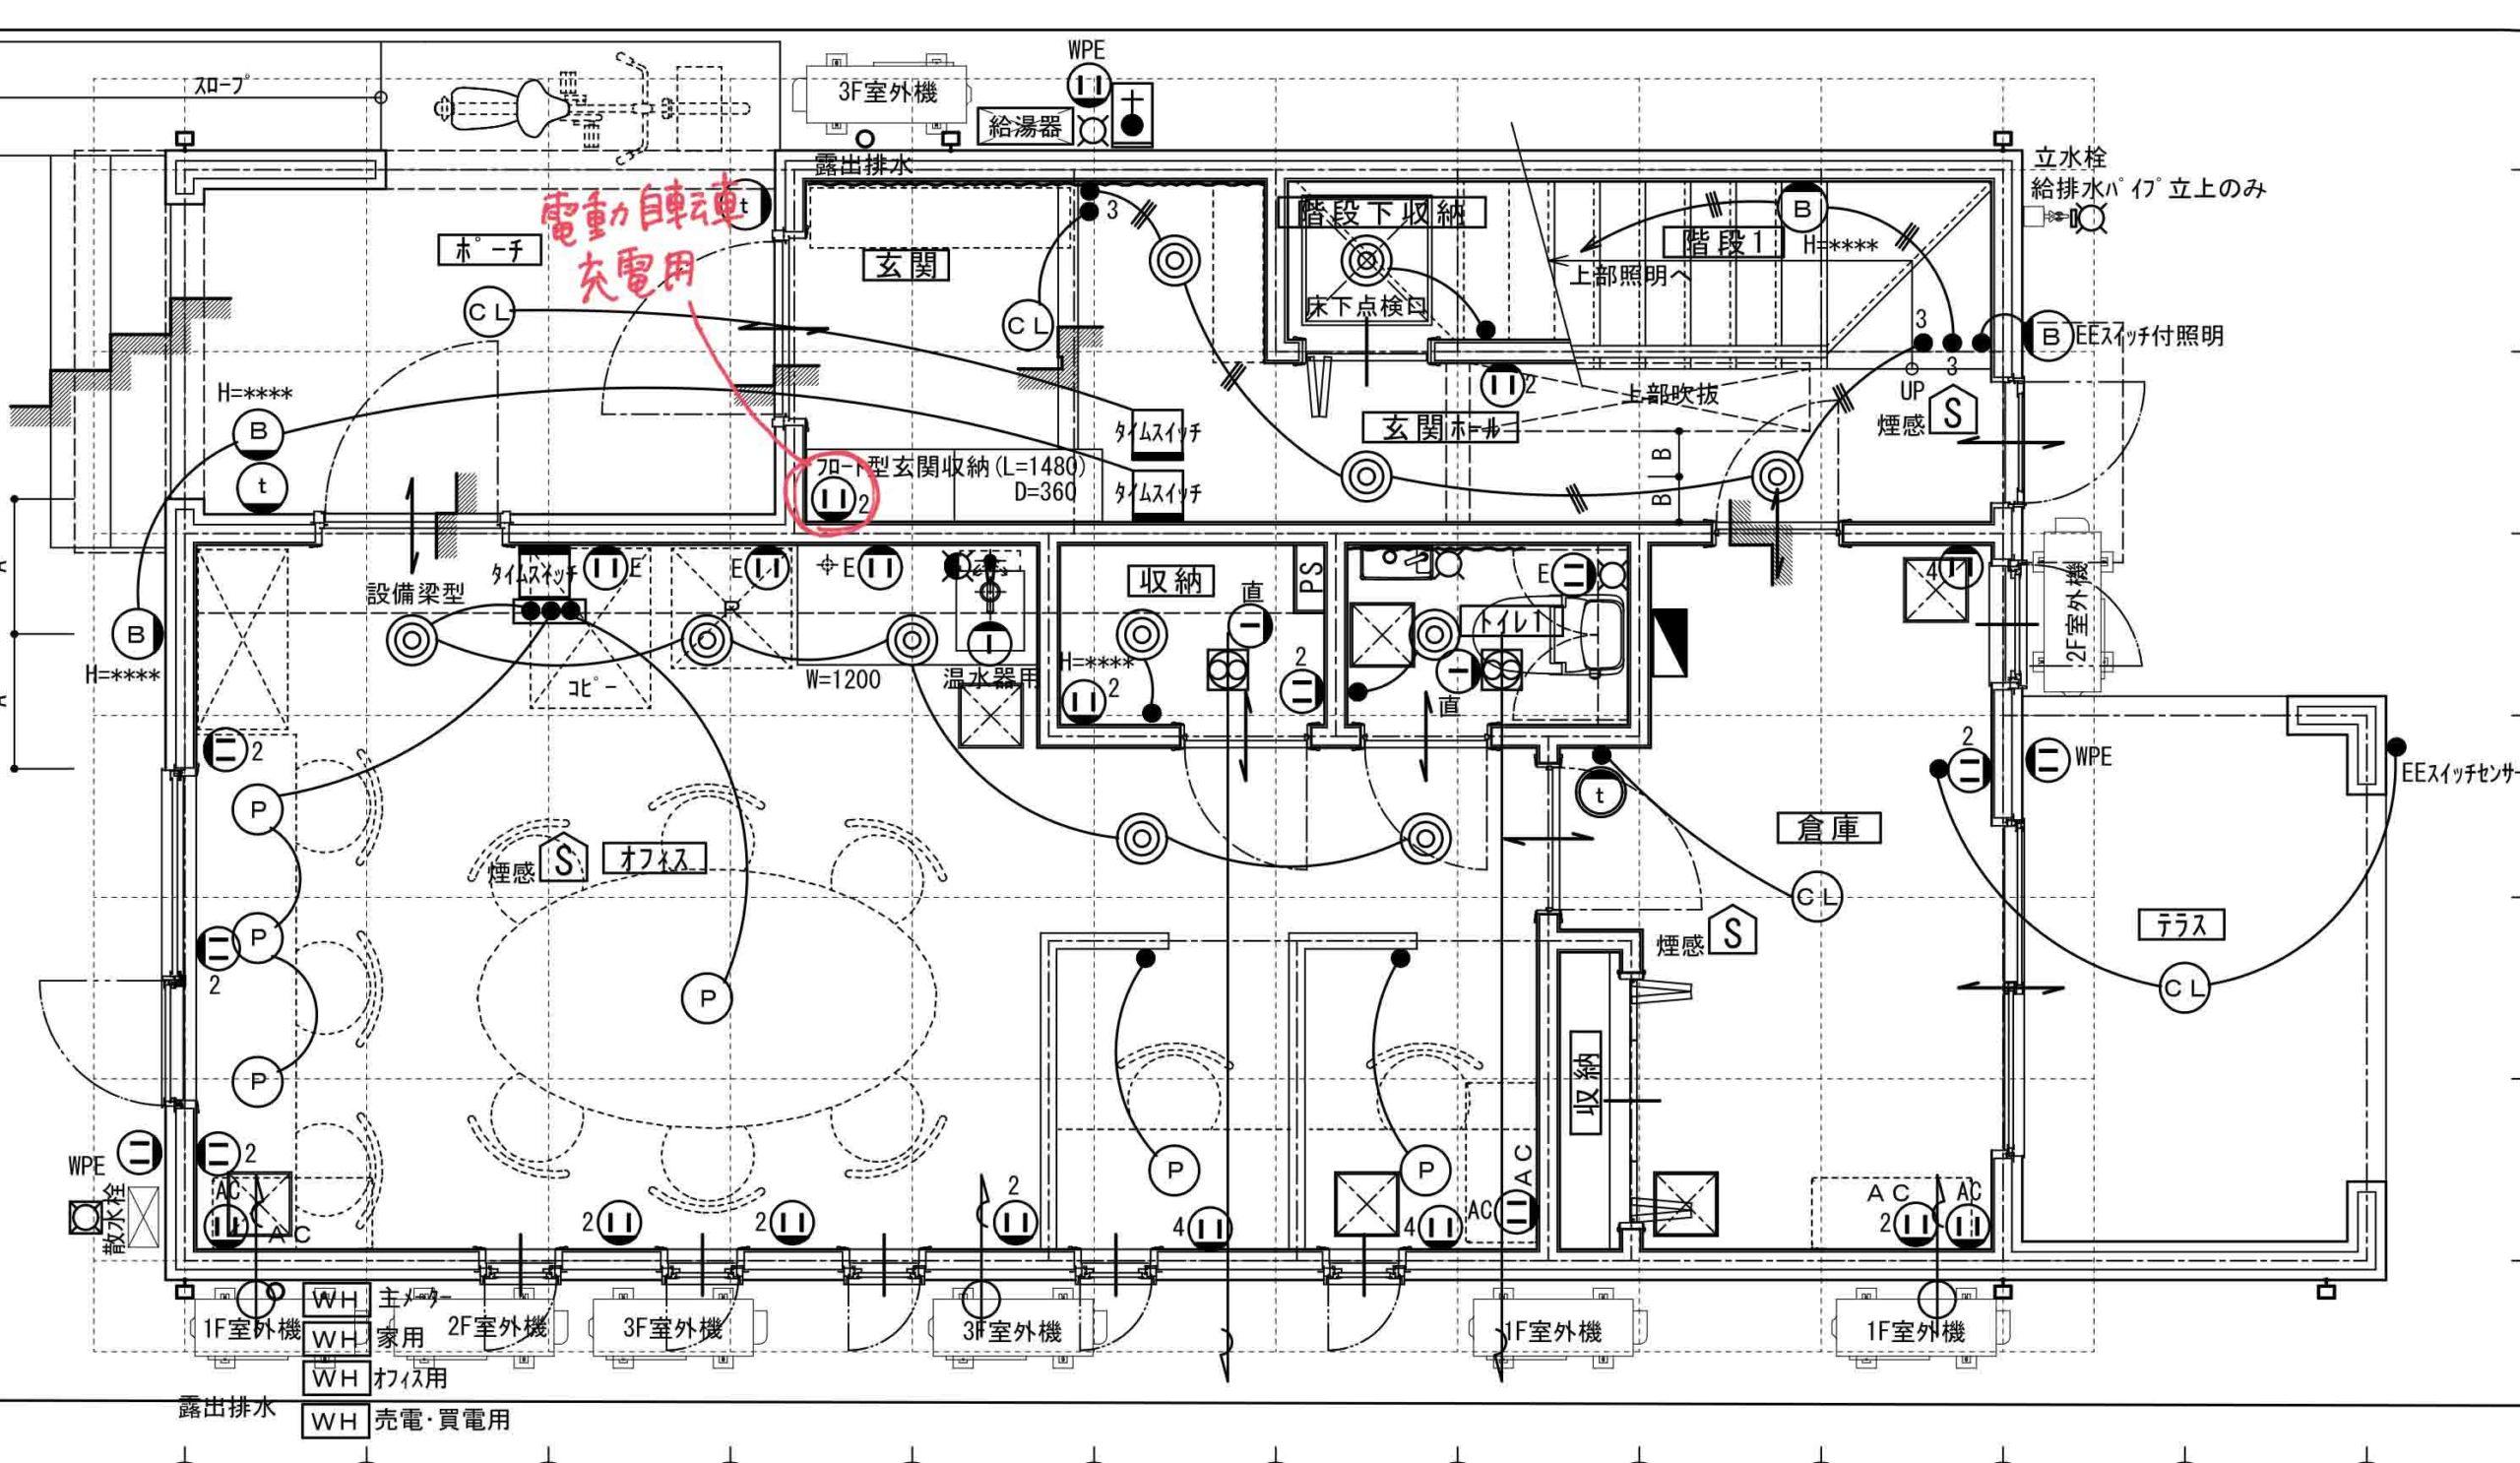 1F電気配線図ポイント